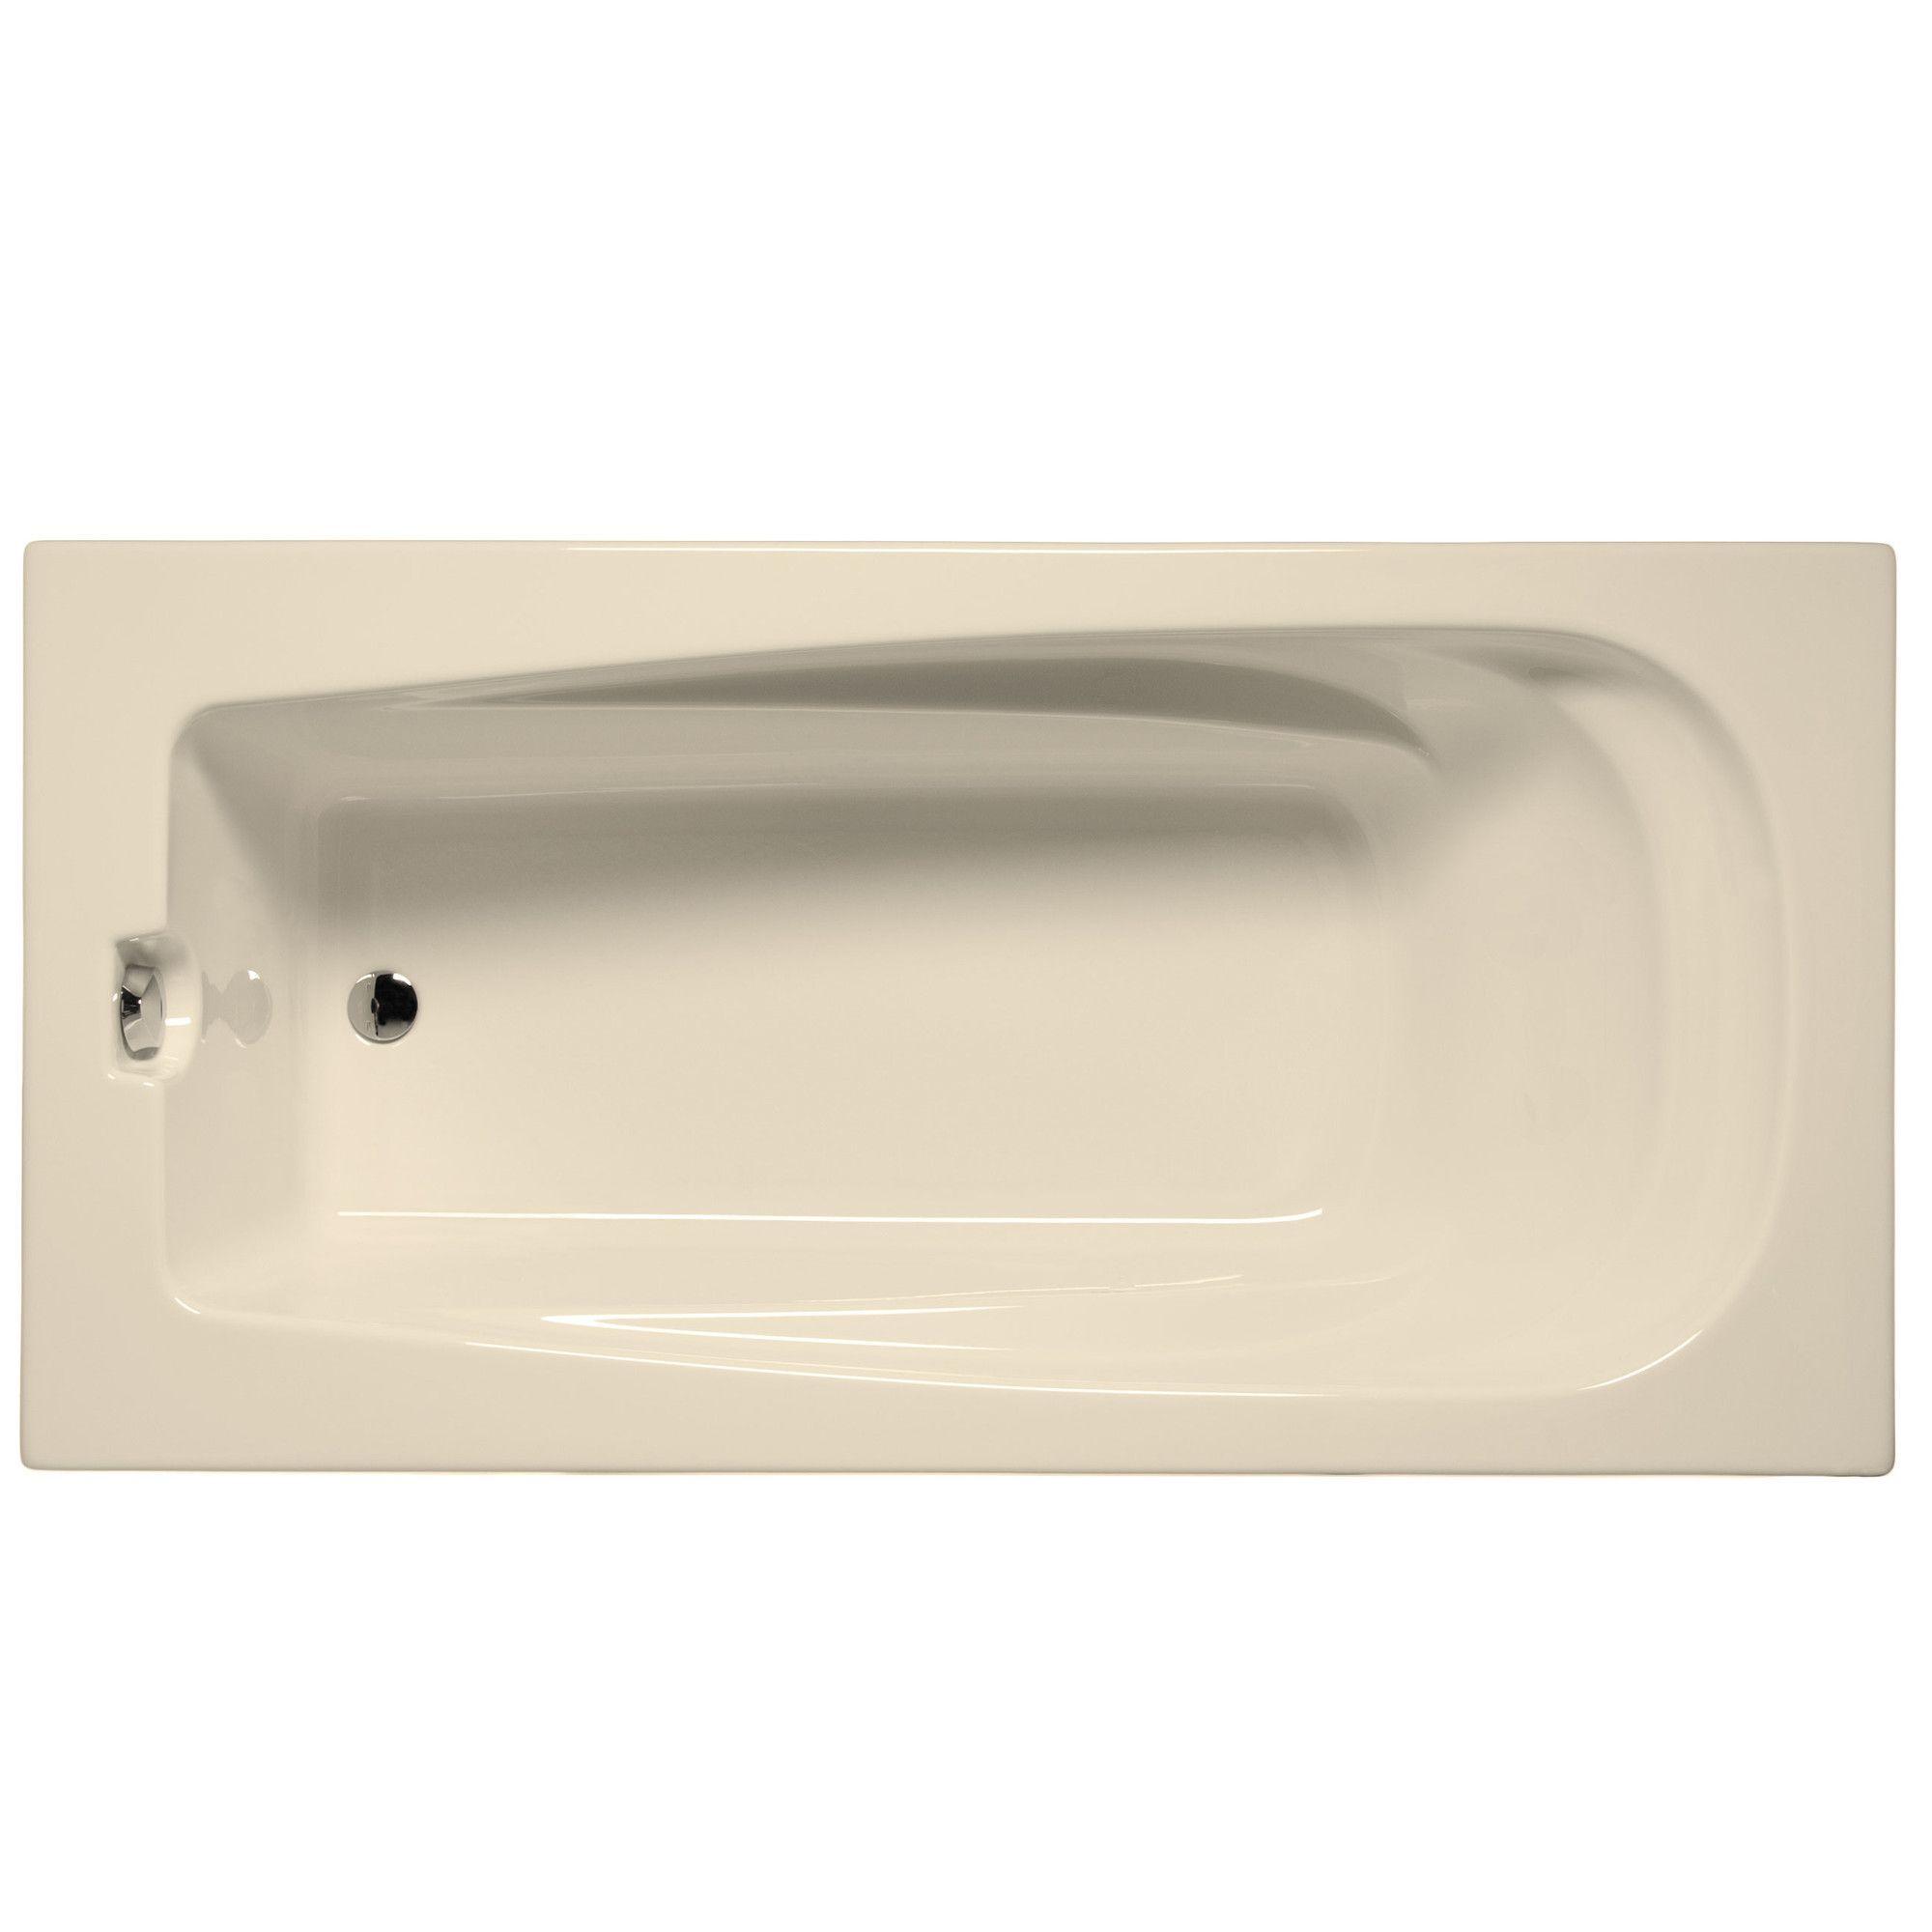 drain soaker bathtub x jet with tubs petite oval tub venzi reversible vino